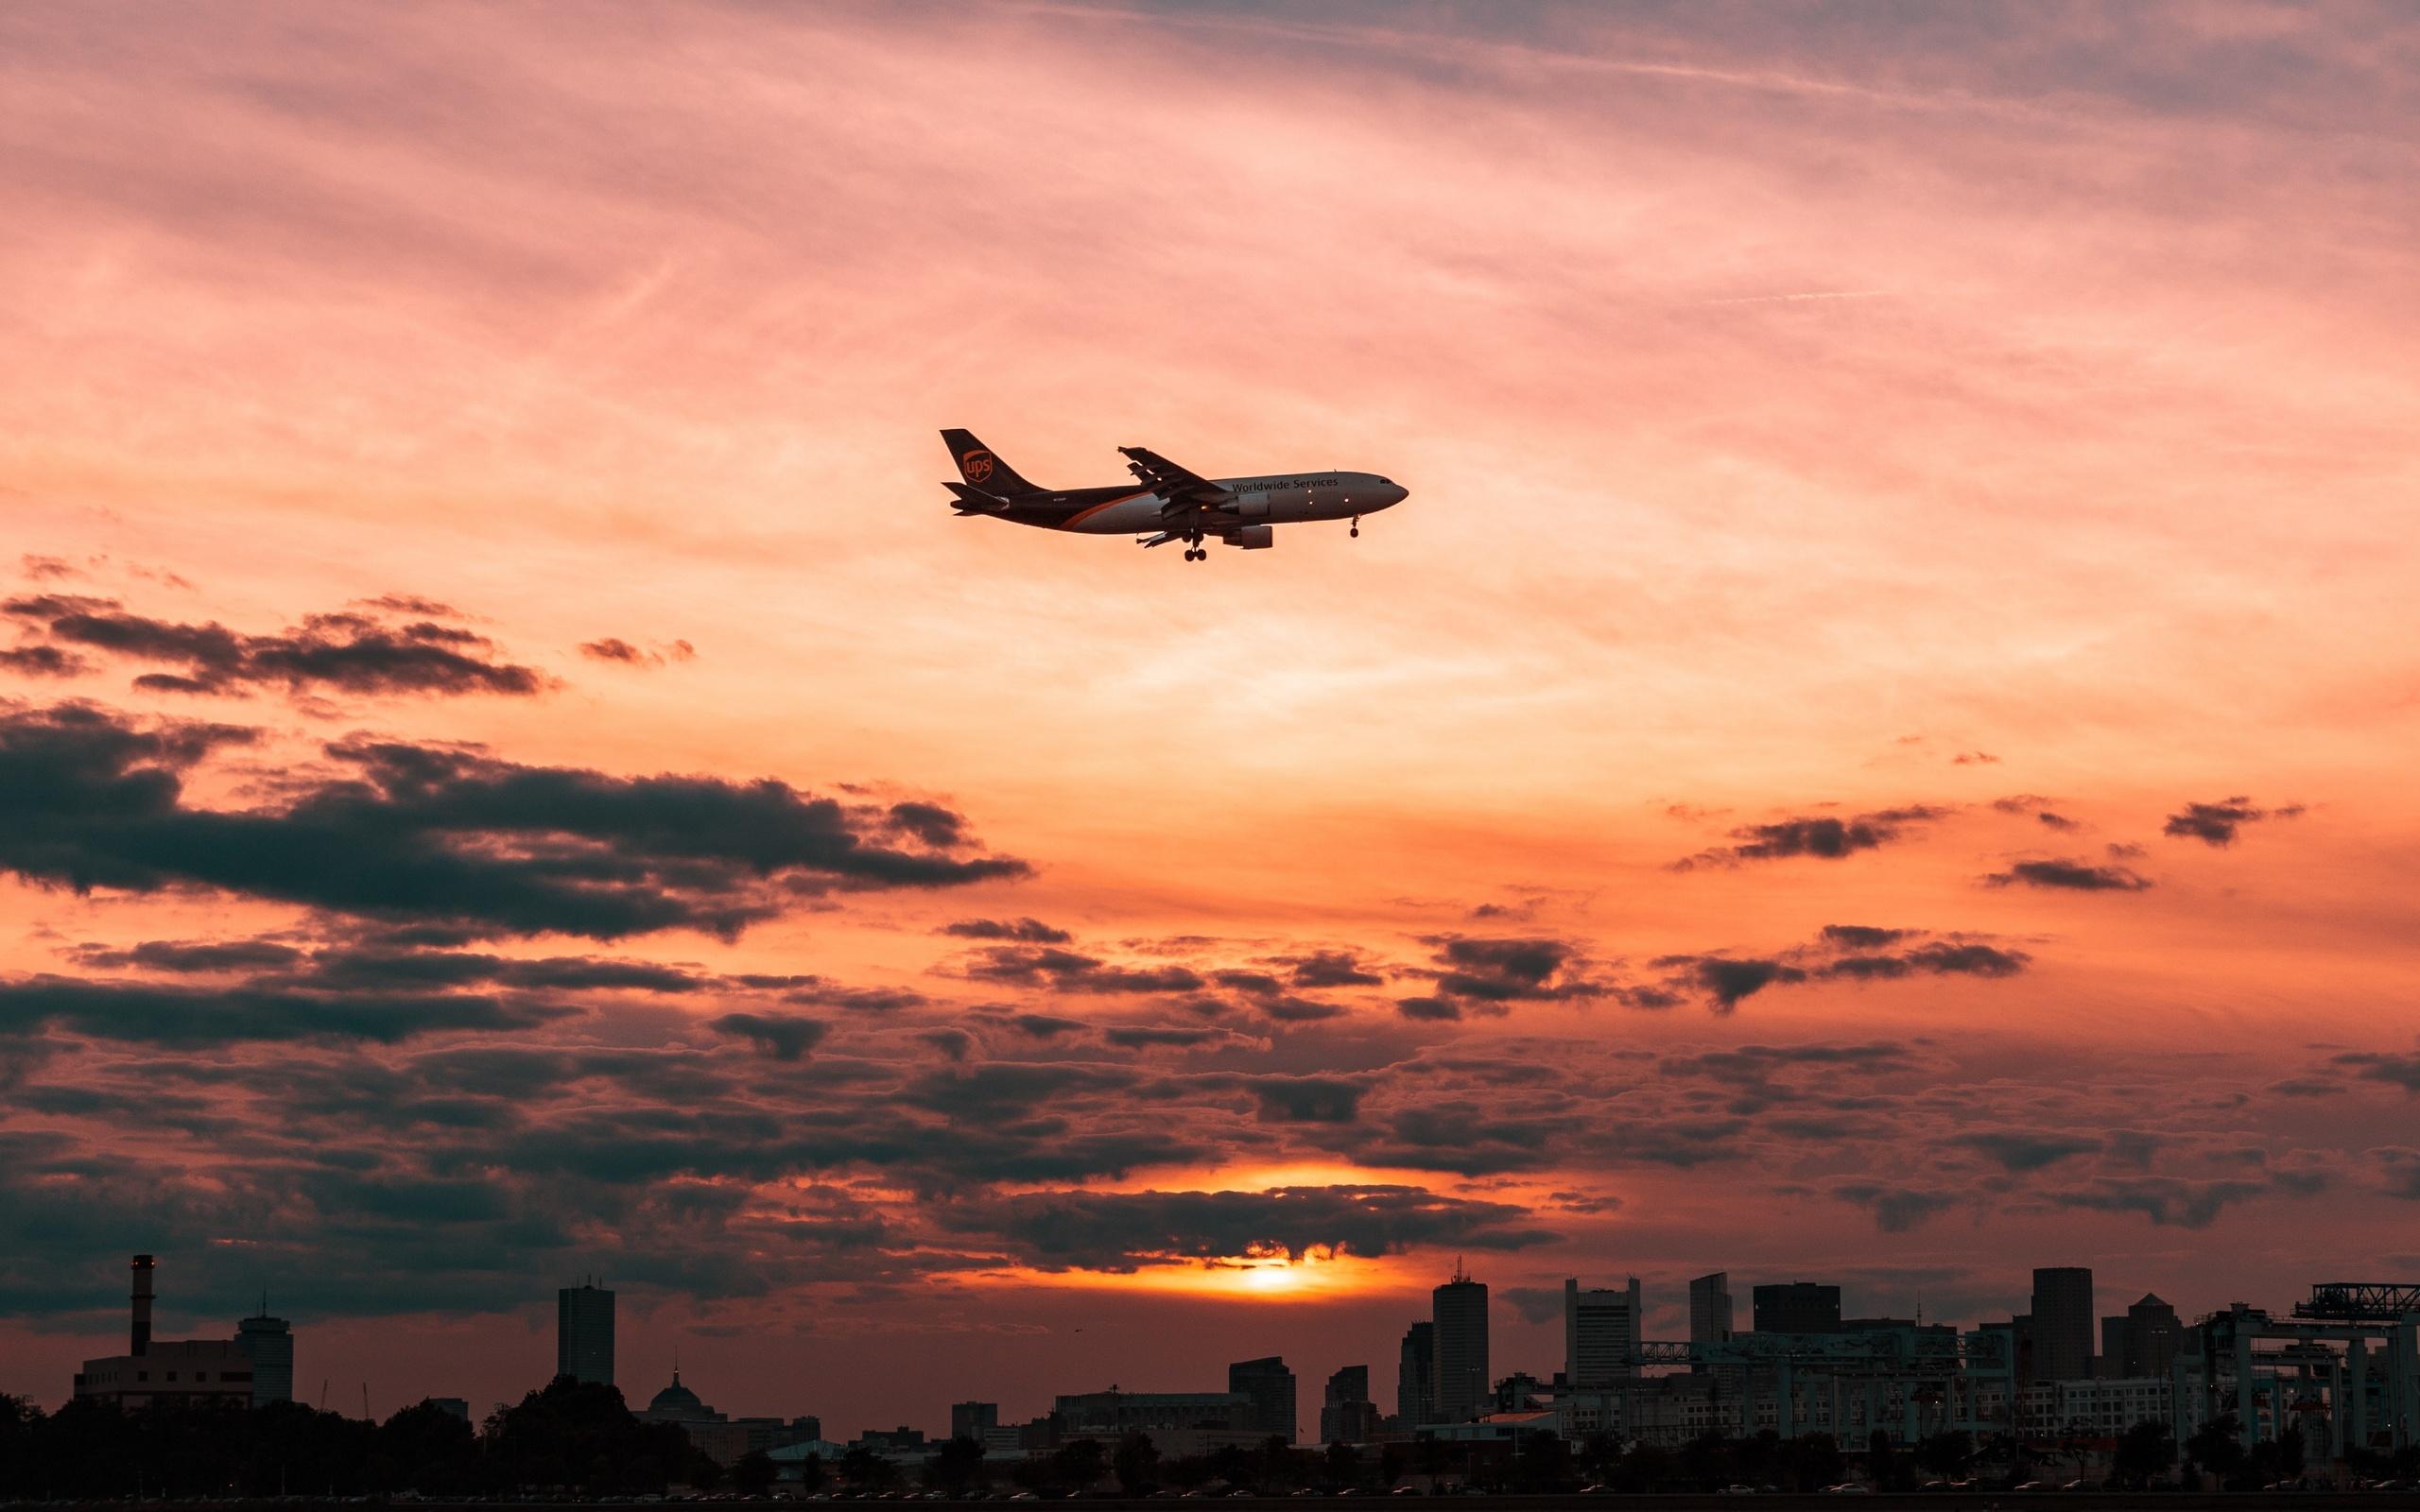 Картинка полет над городом